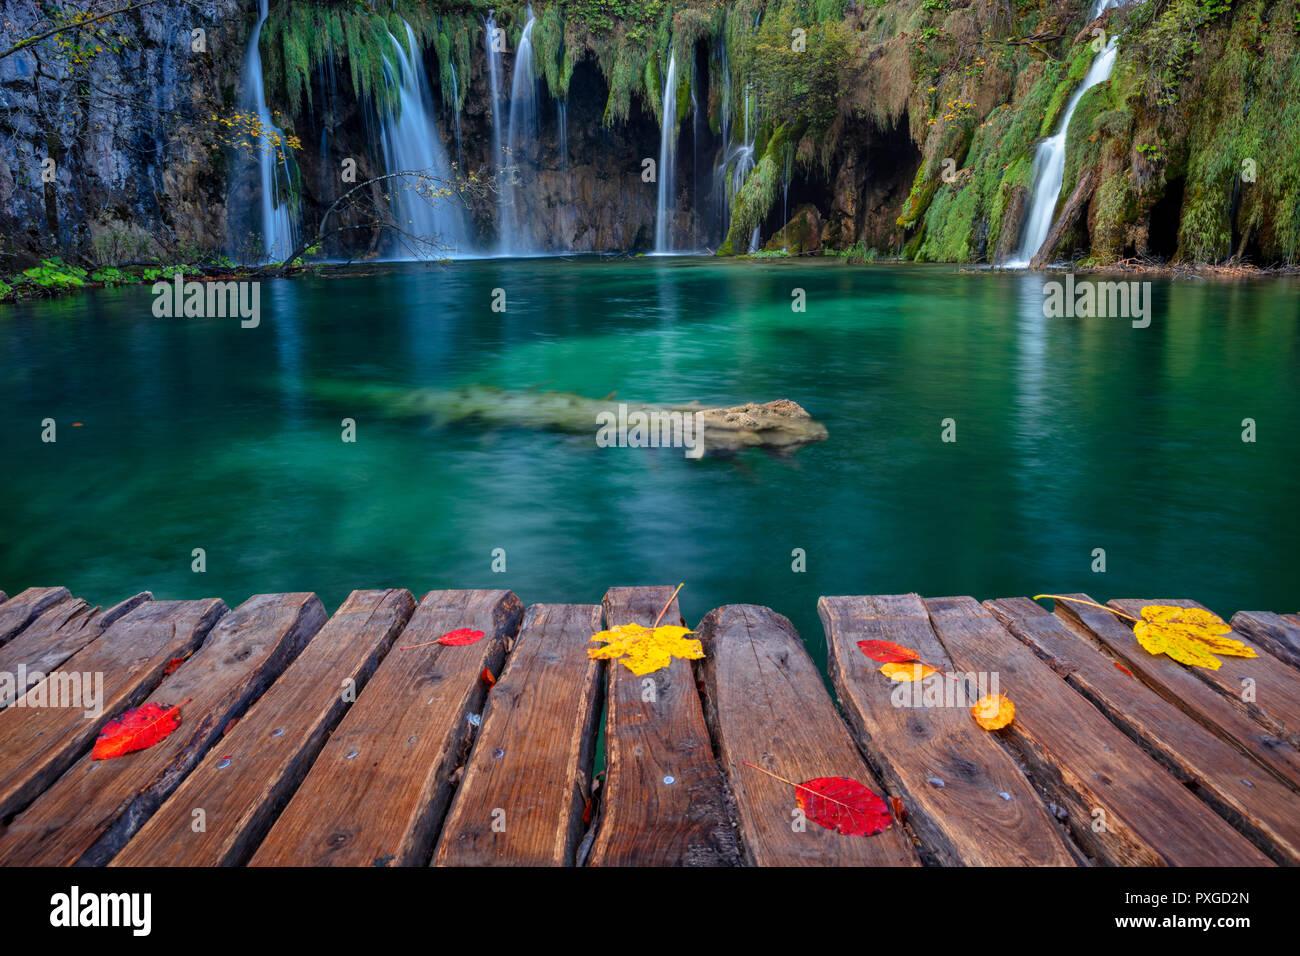 Des lacs de Plitvice. Image de cascade situé dans le Parc National de Plitvice, Croatie au cours de journée d'automne. Banque D'Images